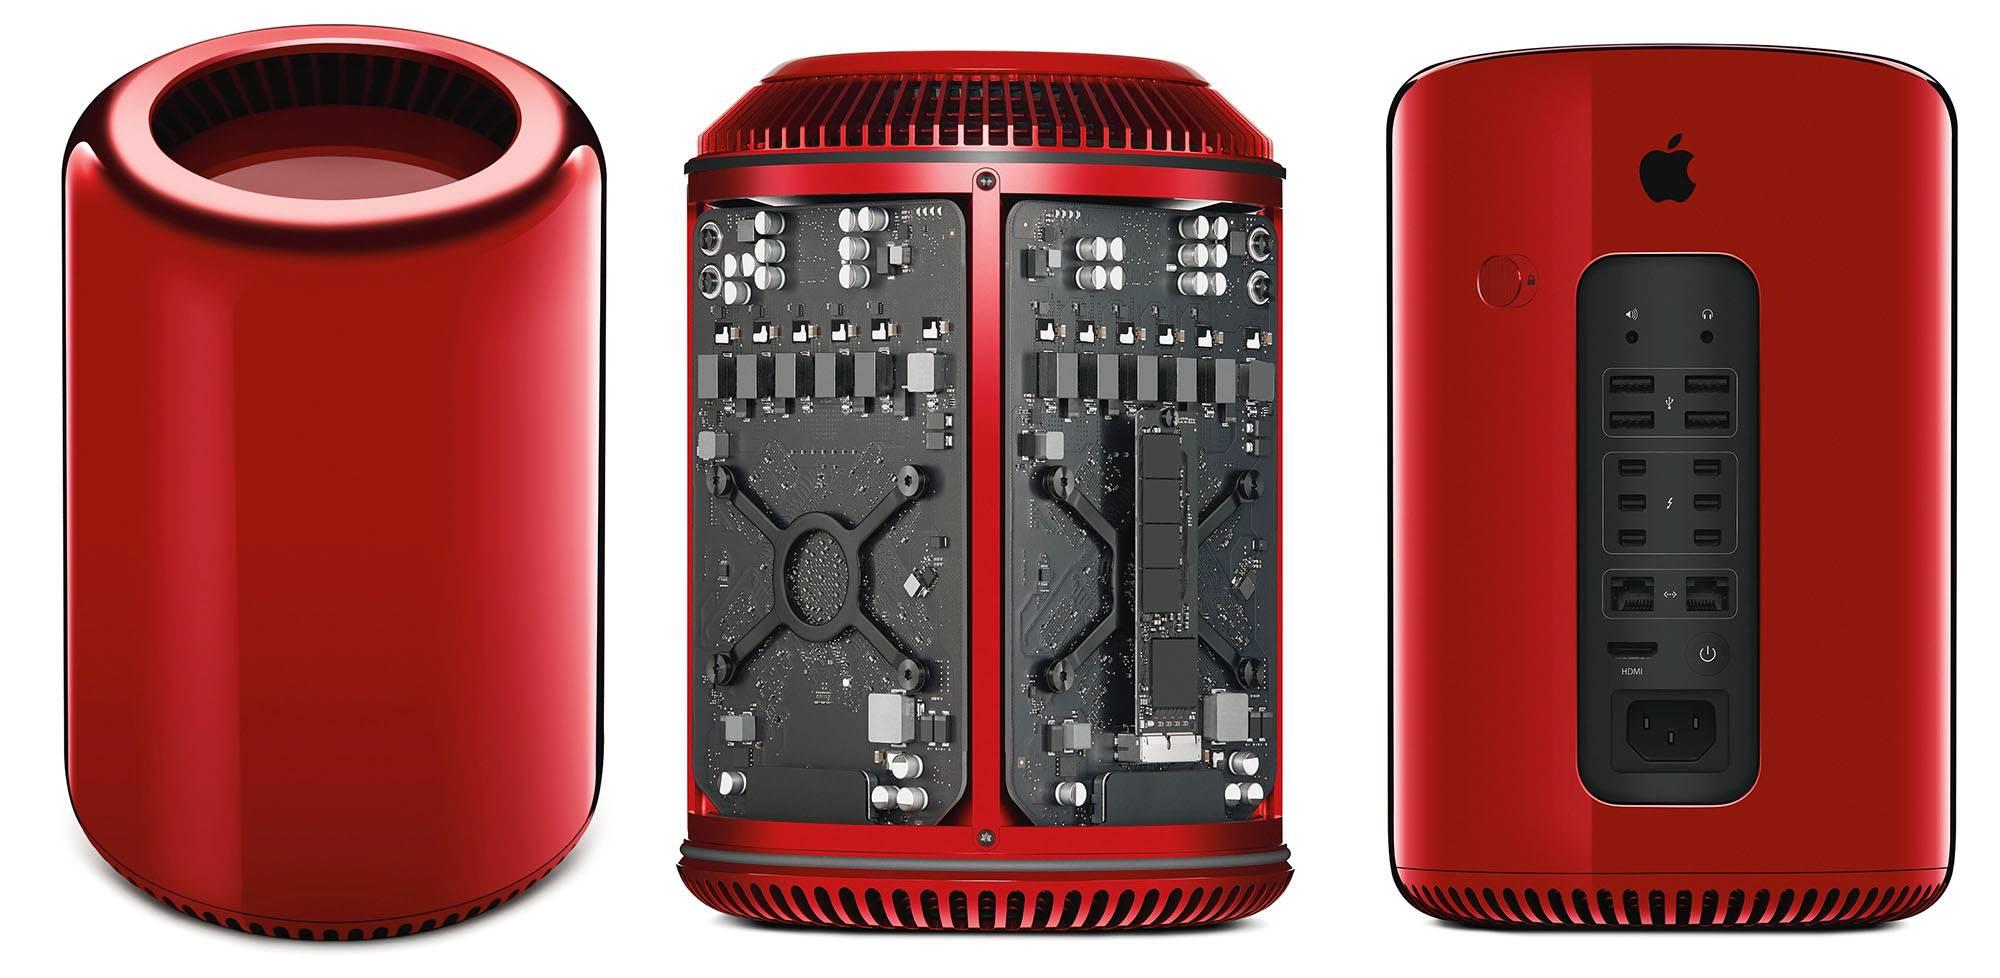 2013年11月,拍出97.7万美元高价的全球唯一一台红色Mac Pro,所得全部捐赠慈善机构。